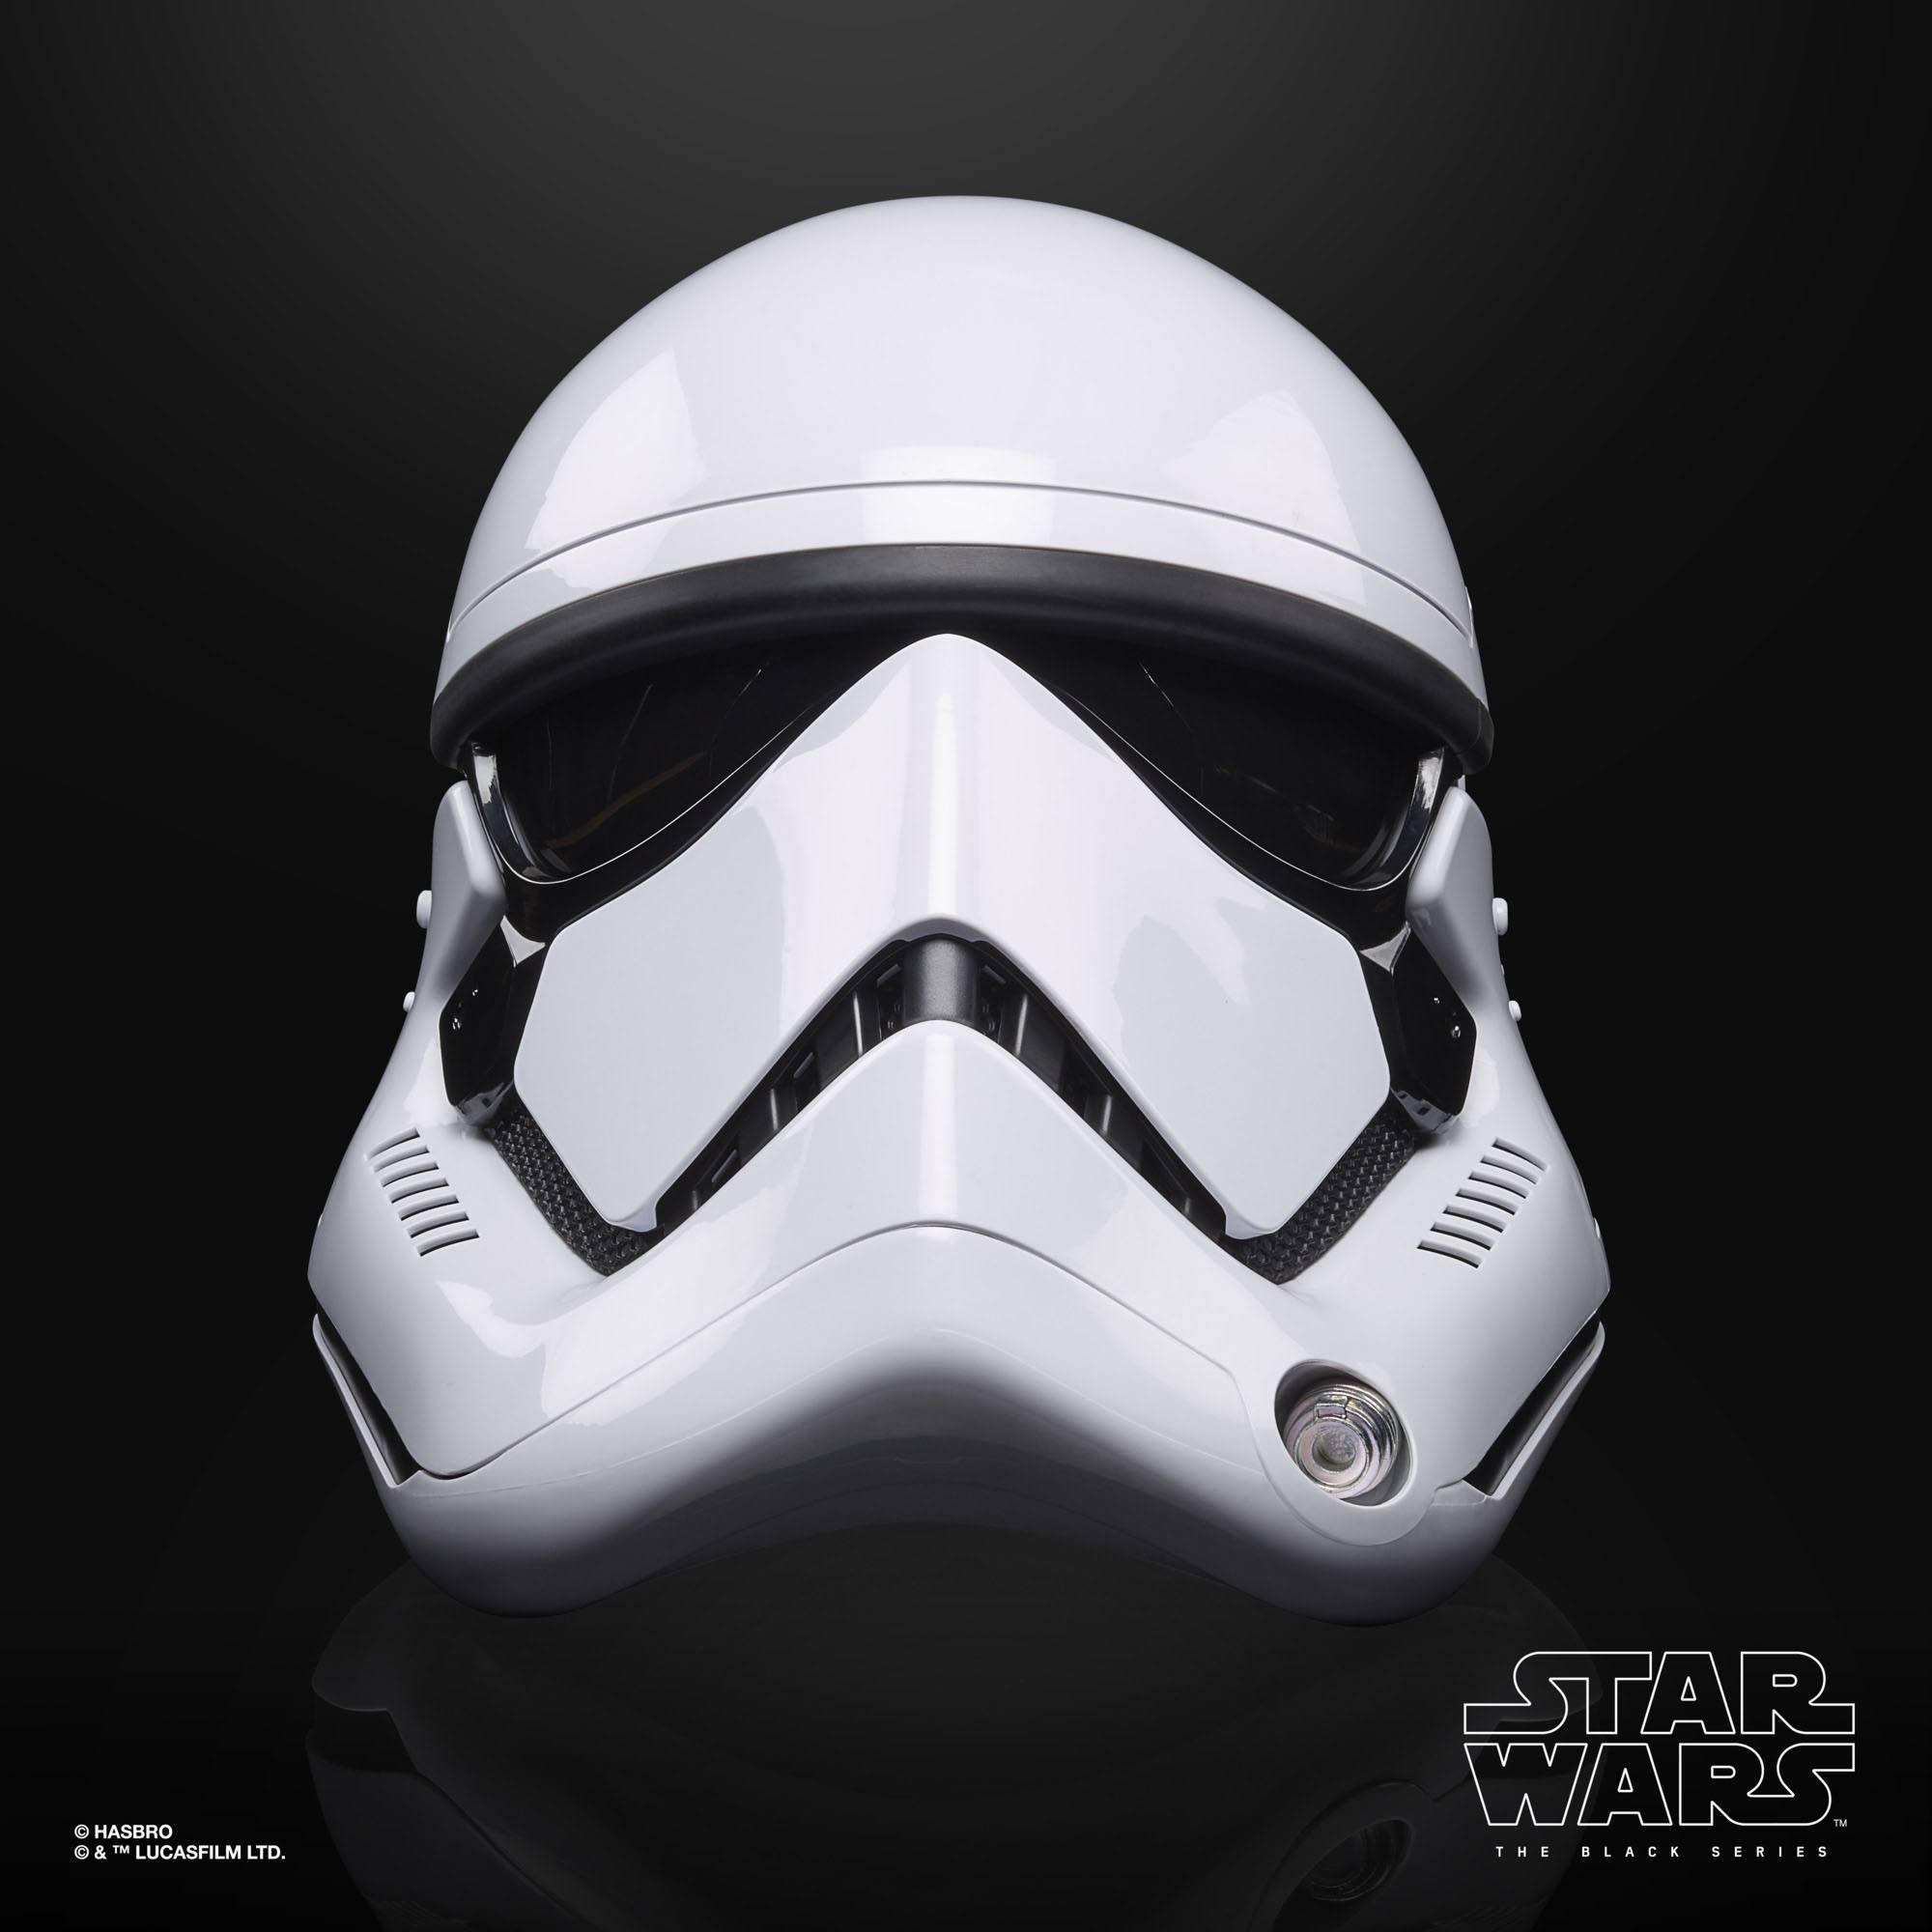 Star Wars Episode VIII Black Series Elektronischer Helm First Order Stormtrooper F00125L00  5010993737093